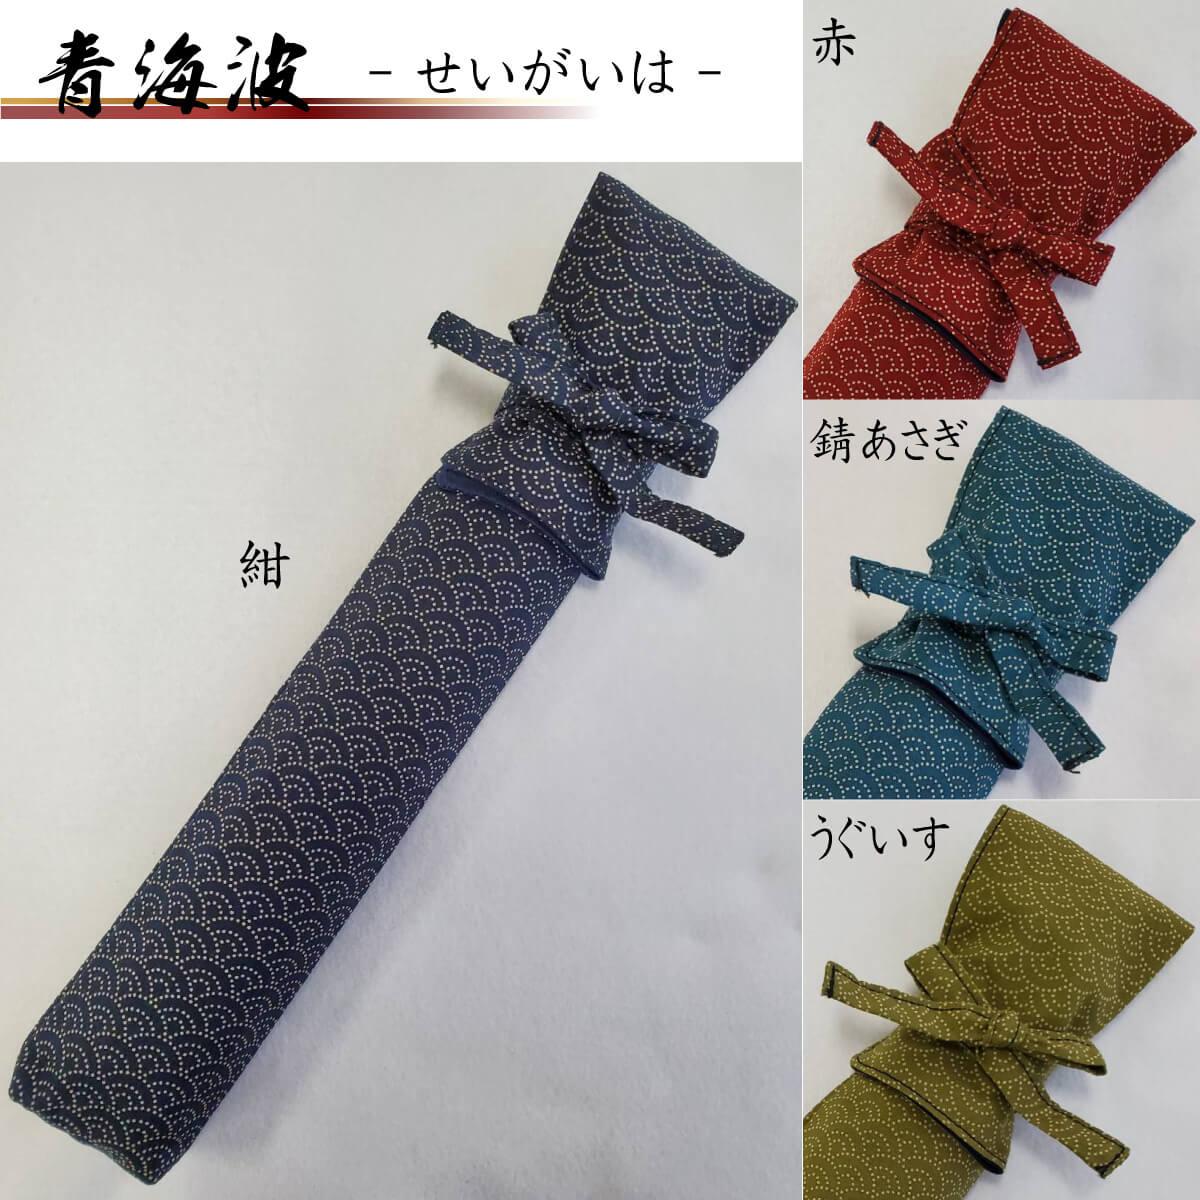 剣道審判旗セット審判旗袋付き紅白袋2点セット中学生高校生剣道具